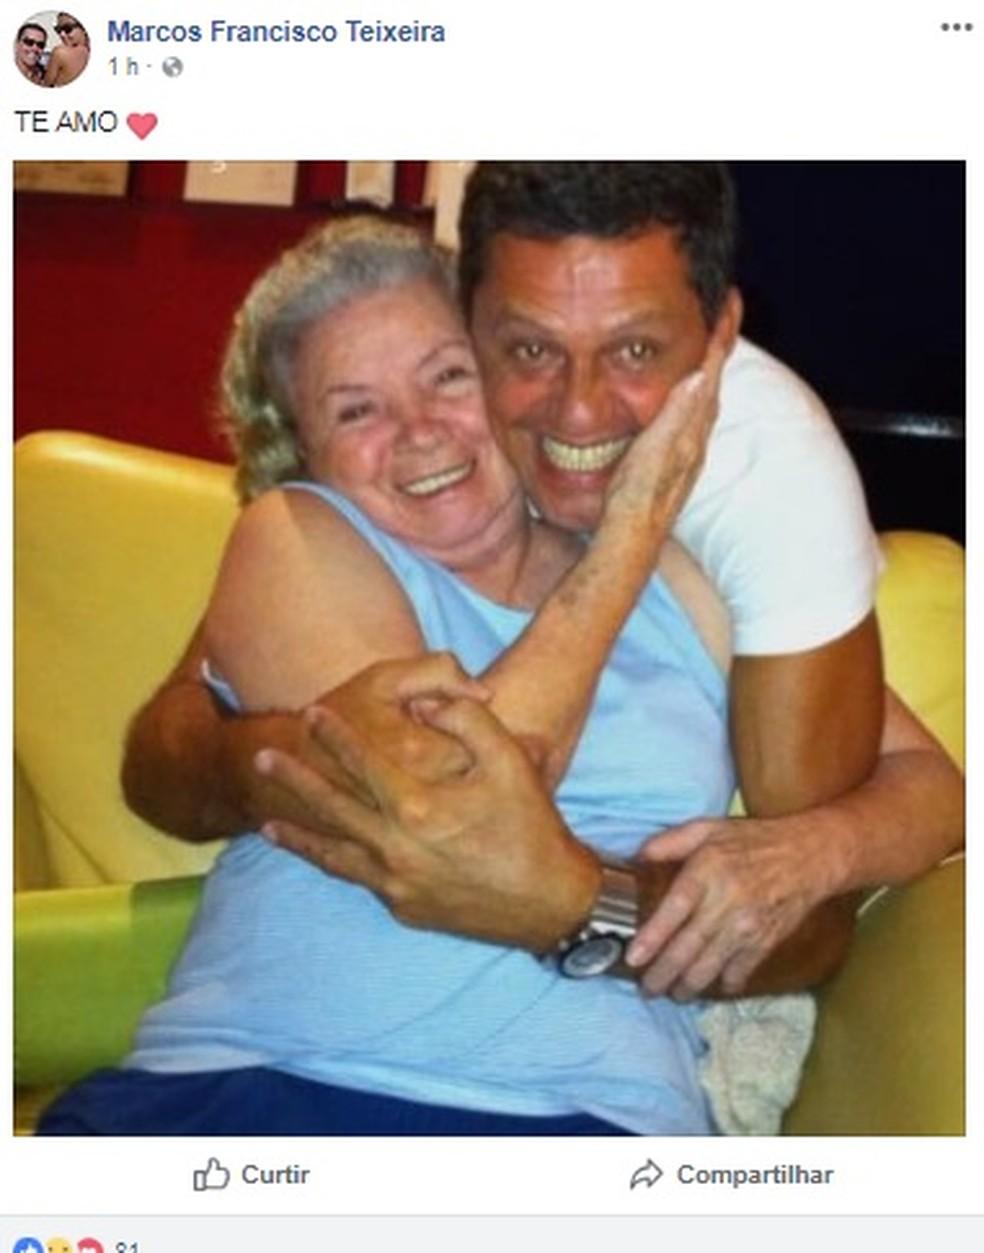 Marcos Francisco Teixeira, filho de Eloísa Mafalda, faz post em homenagem a mãe (Foto: Reprodução/Facebook)